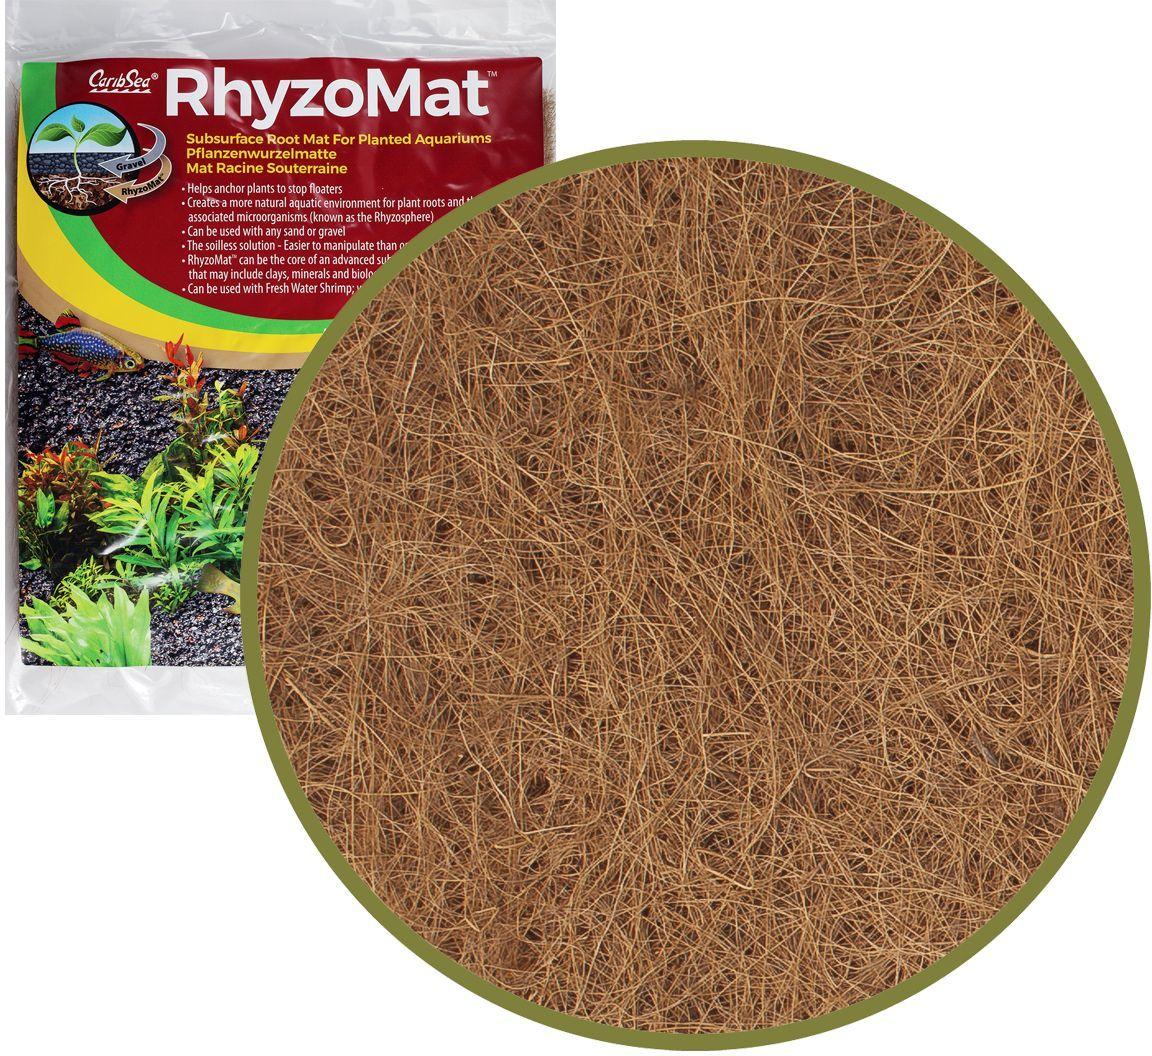 Мат подгрунтовый корневой Caribsea, 30 x 60 смSJ500IНатуральный волокнистый мат Caribsea помогает растениям закрепить корни и создать естественную водную среду для корней и связанных с ними микроорганизмов. Может использоваться с любым песком или гравием. Не повышает pH. Может быть разрезан или разорван на нужные размеры.